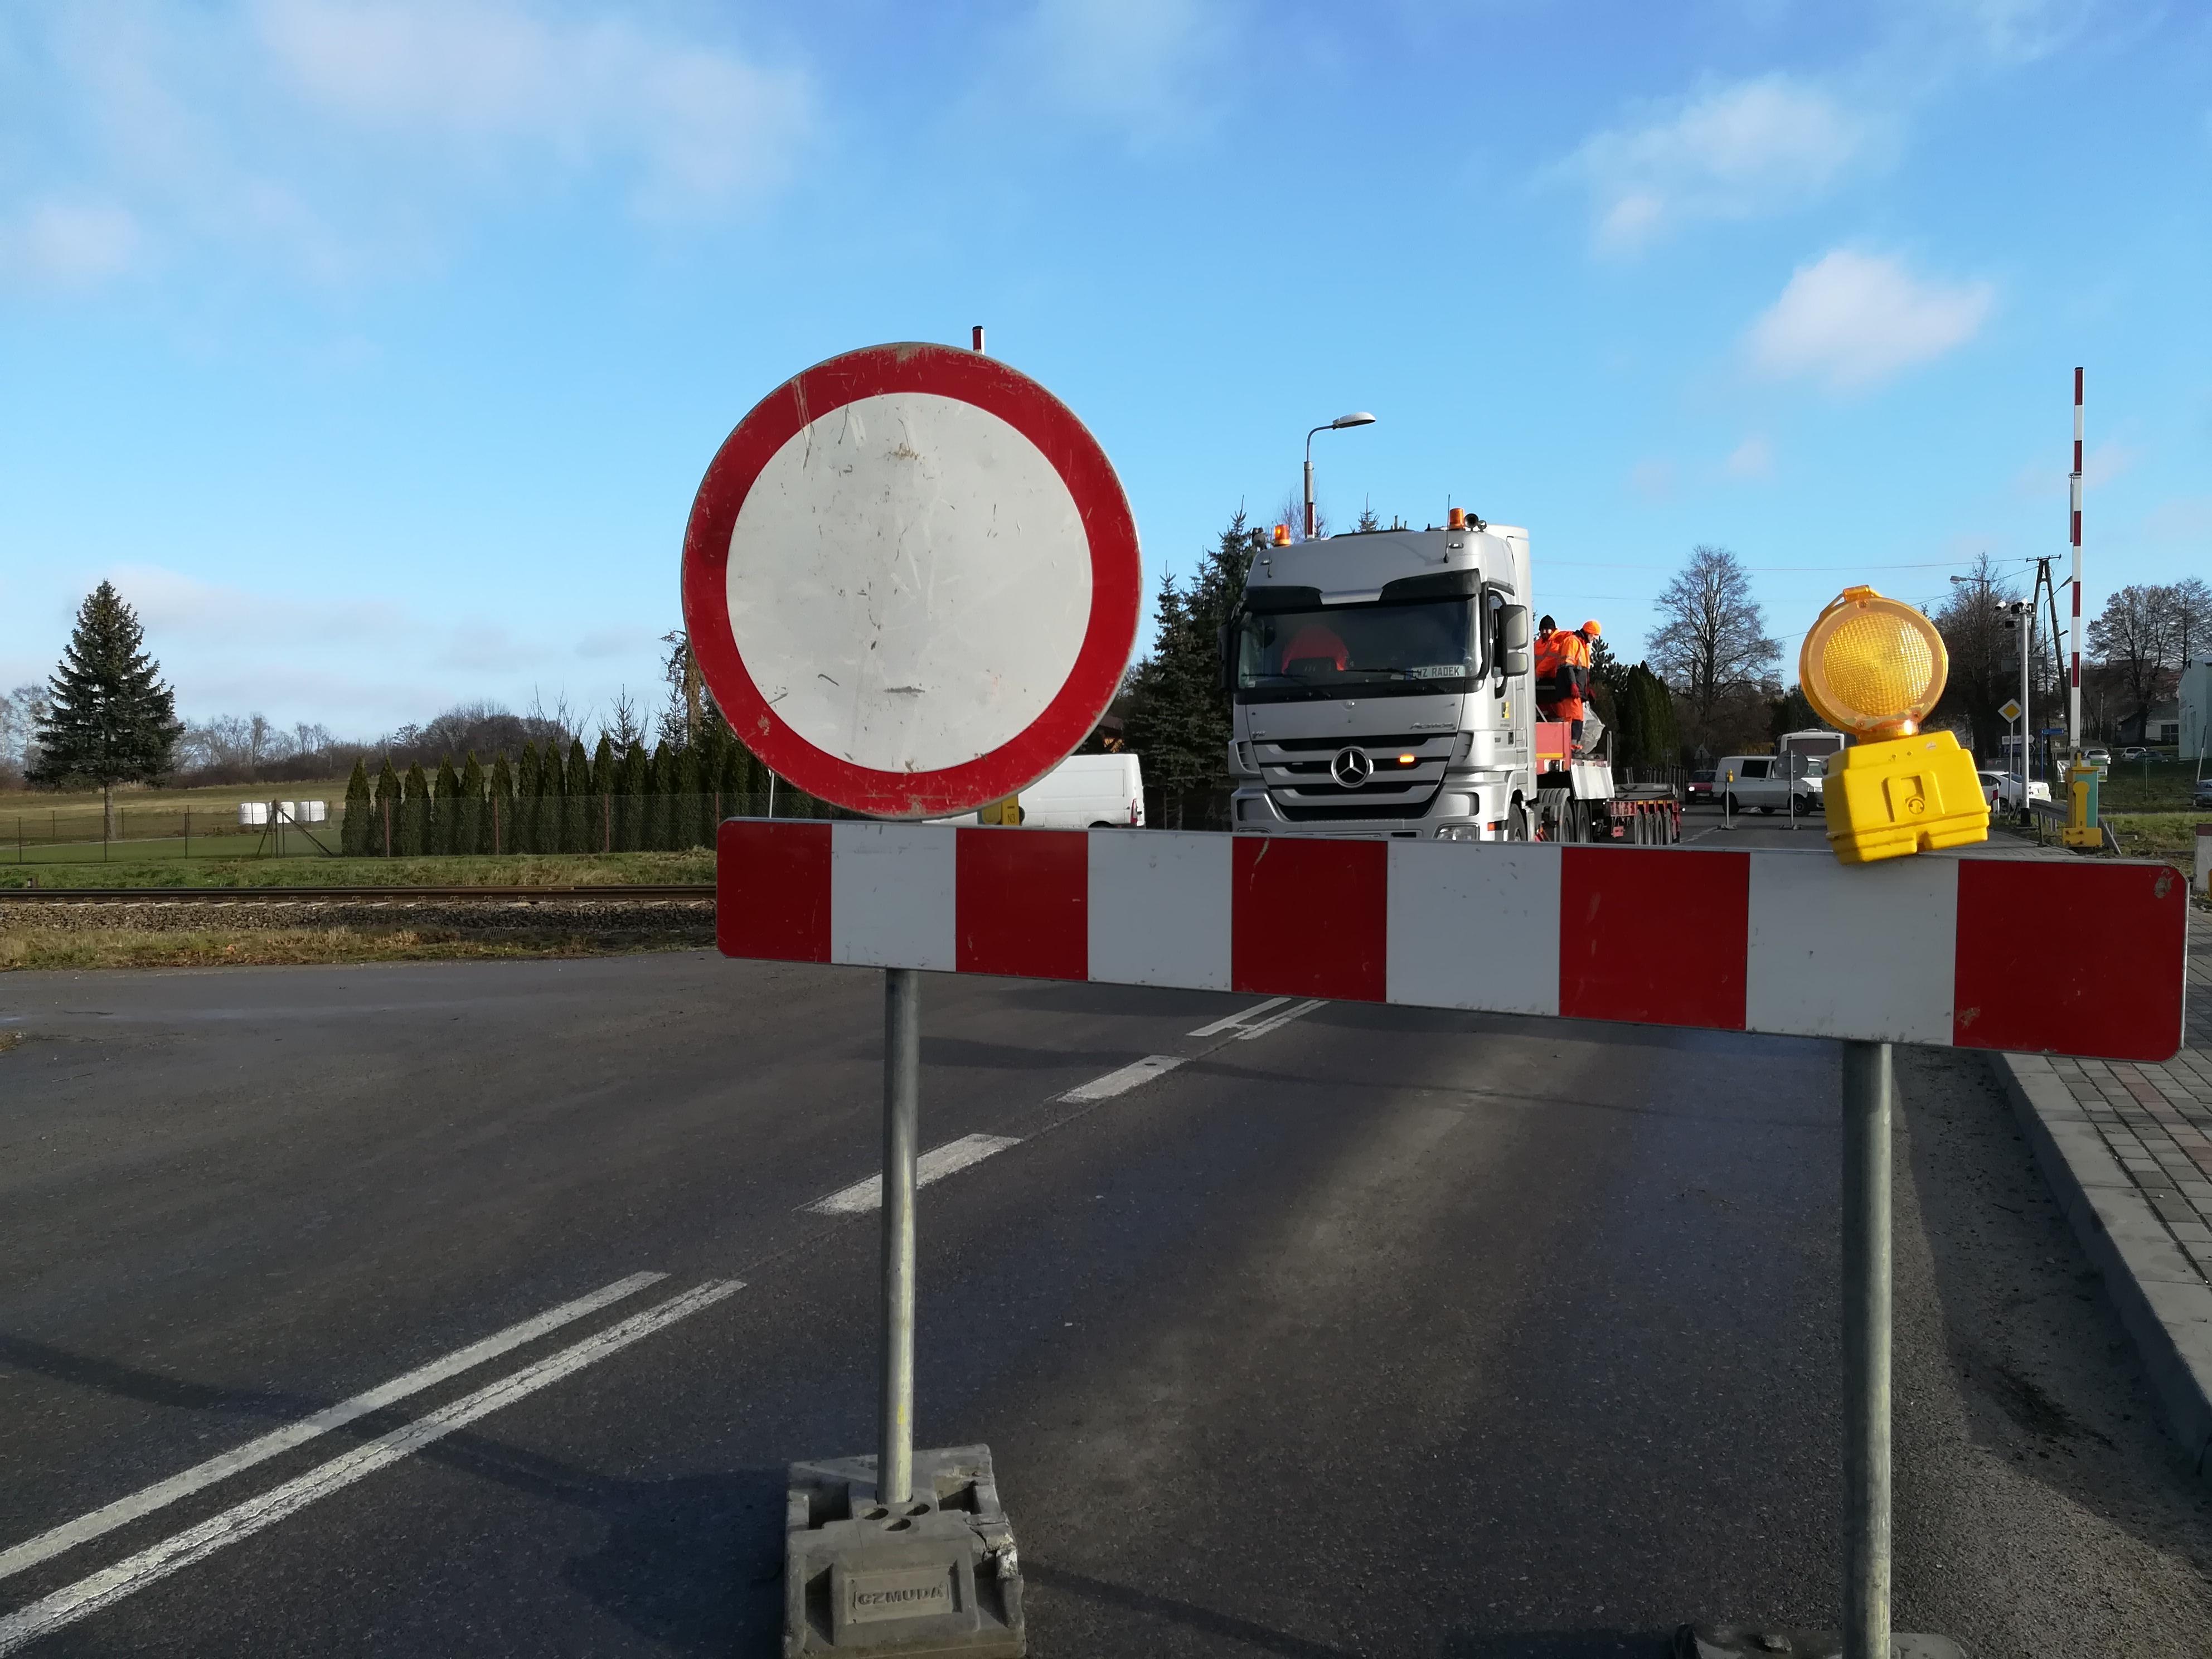 Droga na Sokołów Młp. zamknięta. Kierowcy skarżą się na lokalny objazd przez Zarębki   ZDJĘCIA   WIDEO   - Zdjęcie główne